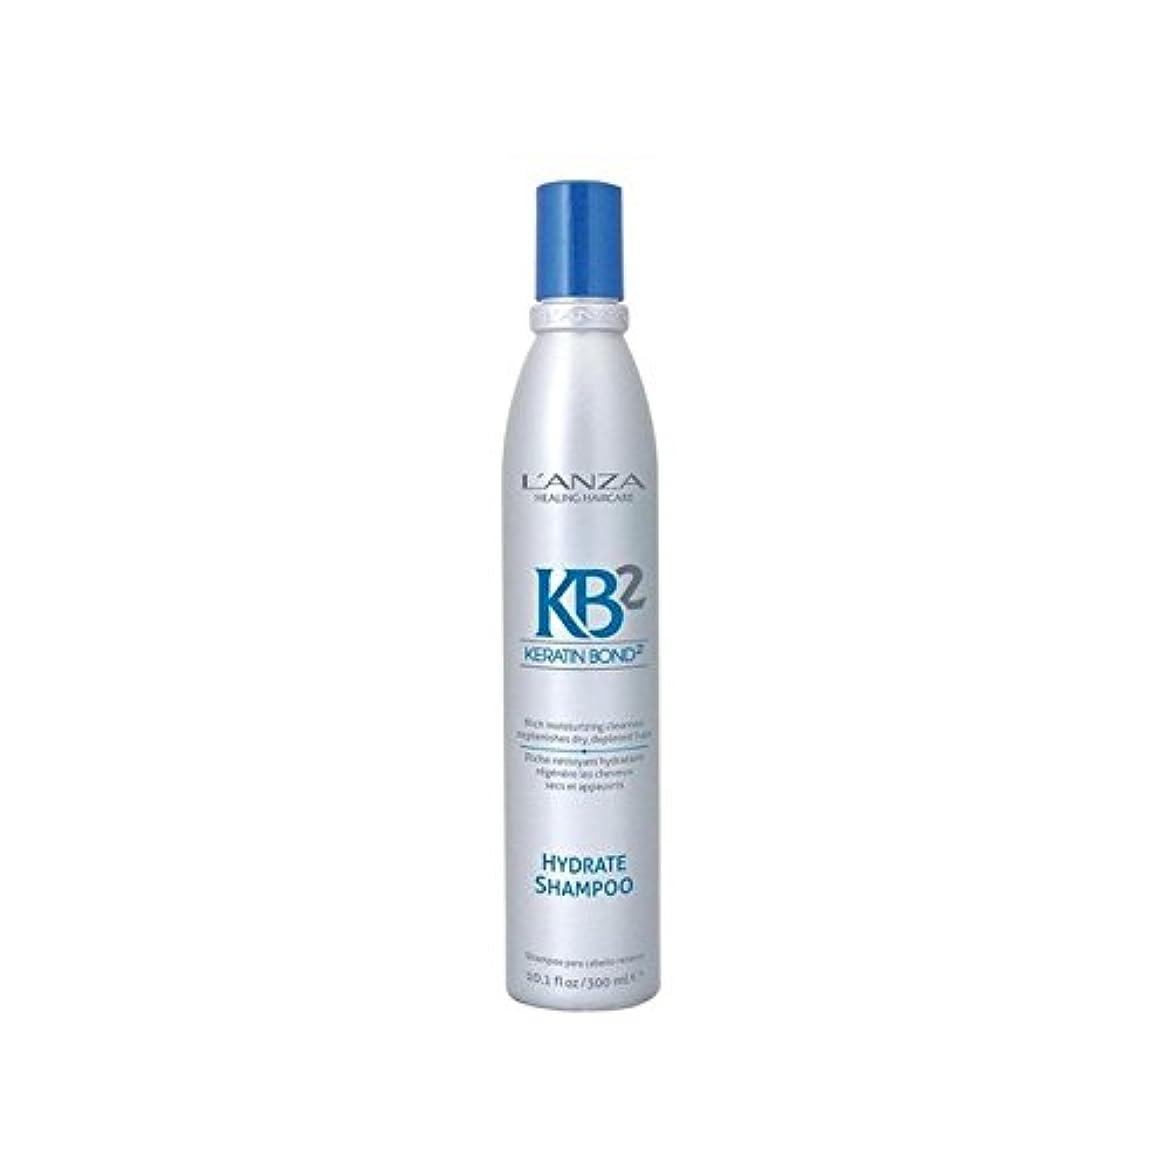 アルミニウム変動するキャンディーL'Anza Kb2 Hydrate Shampoo (300ml) (Pack of 6) - アンザ2和物シャンプー(300ミリリットル) x6 [並行輸入品]